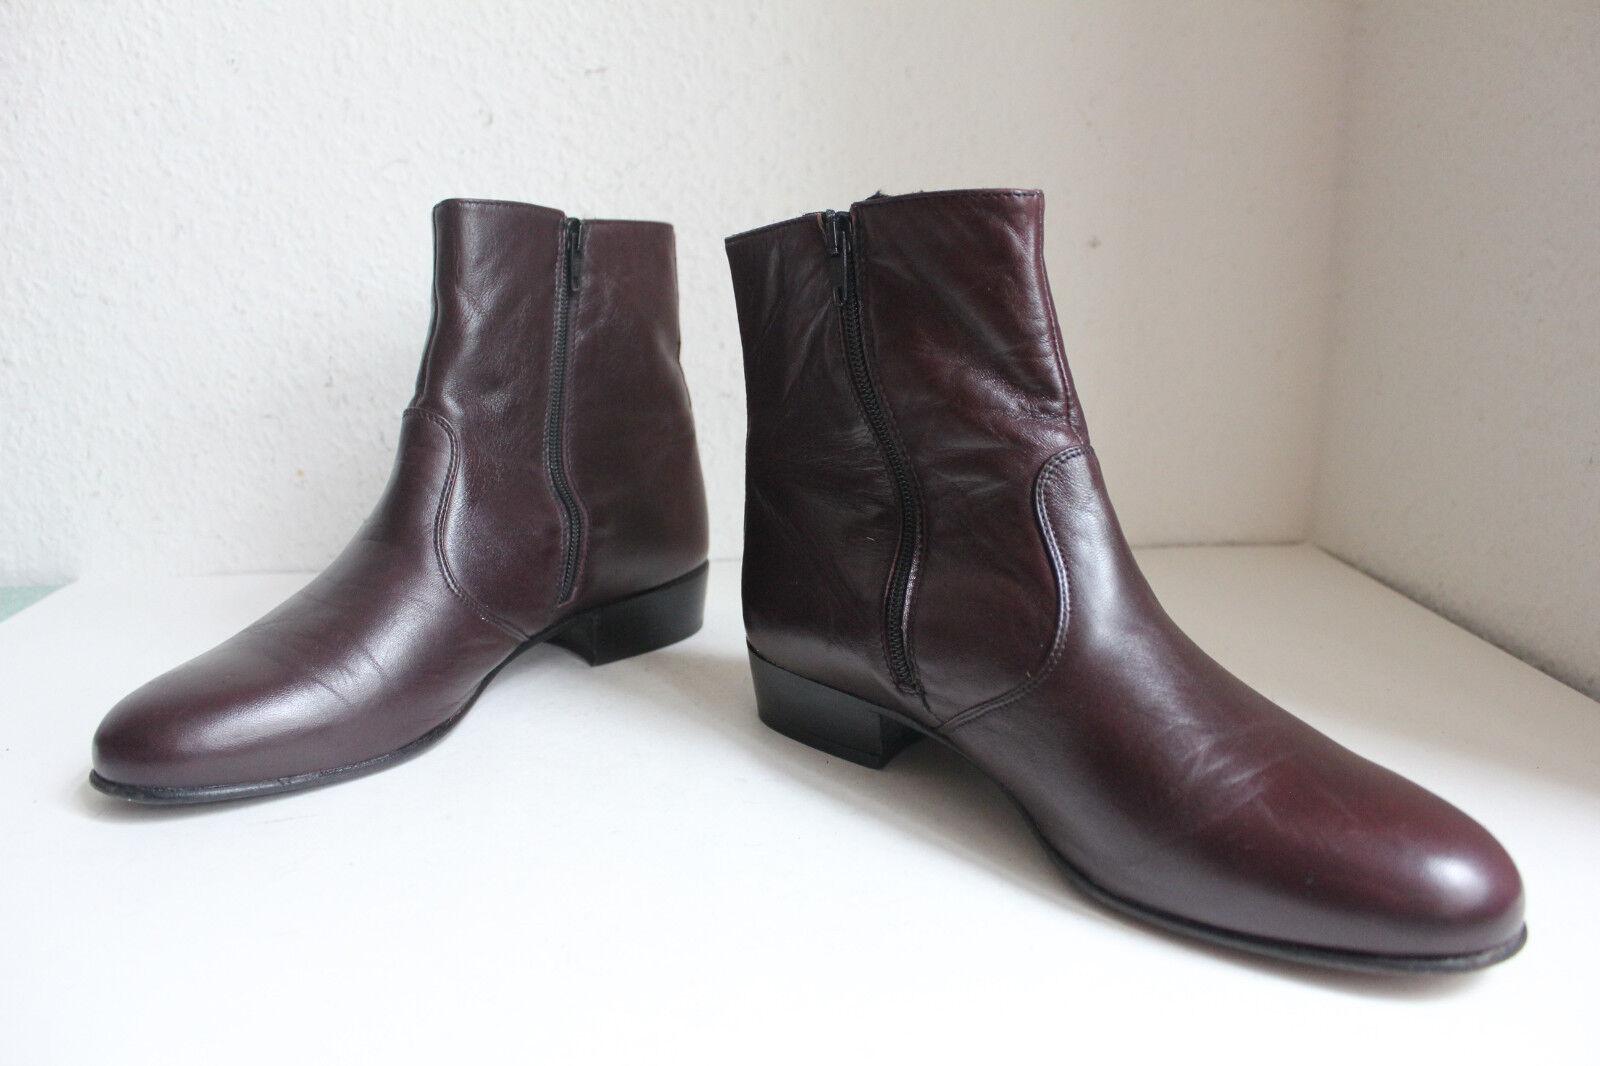 Grandes descuentos nuevos zapatos Sperry Topsider Zapatos Striper Cvo, Gris